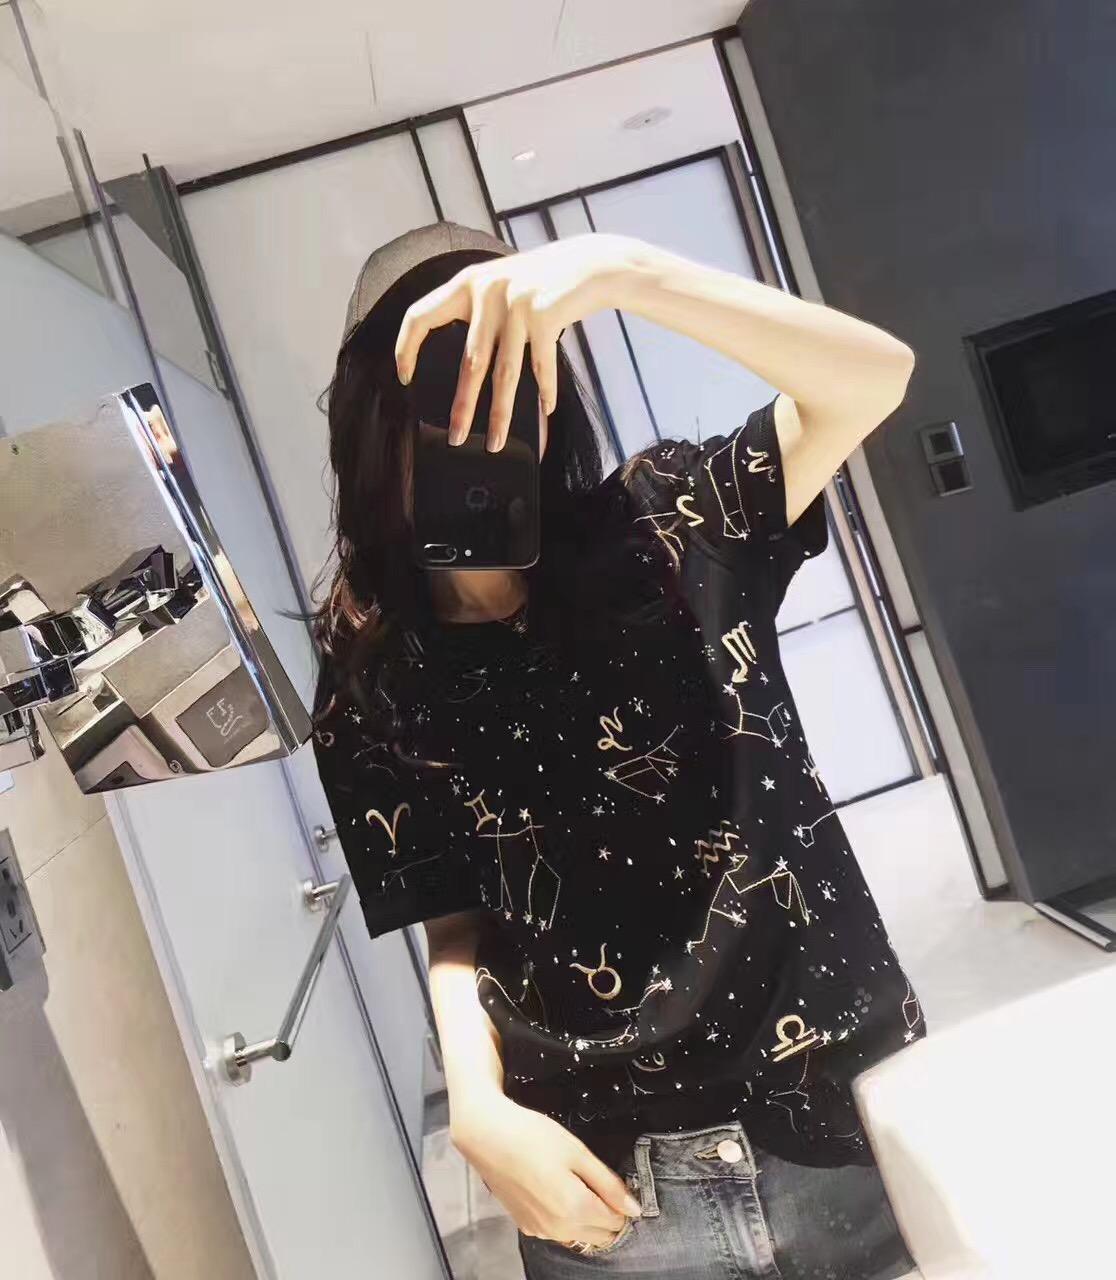 【海龟】 Charlie Luciano CL 19SS 十二星座刺绣水钻短袖T恤